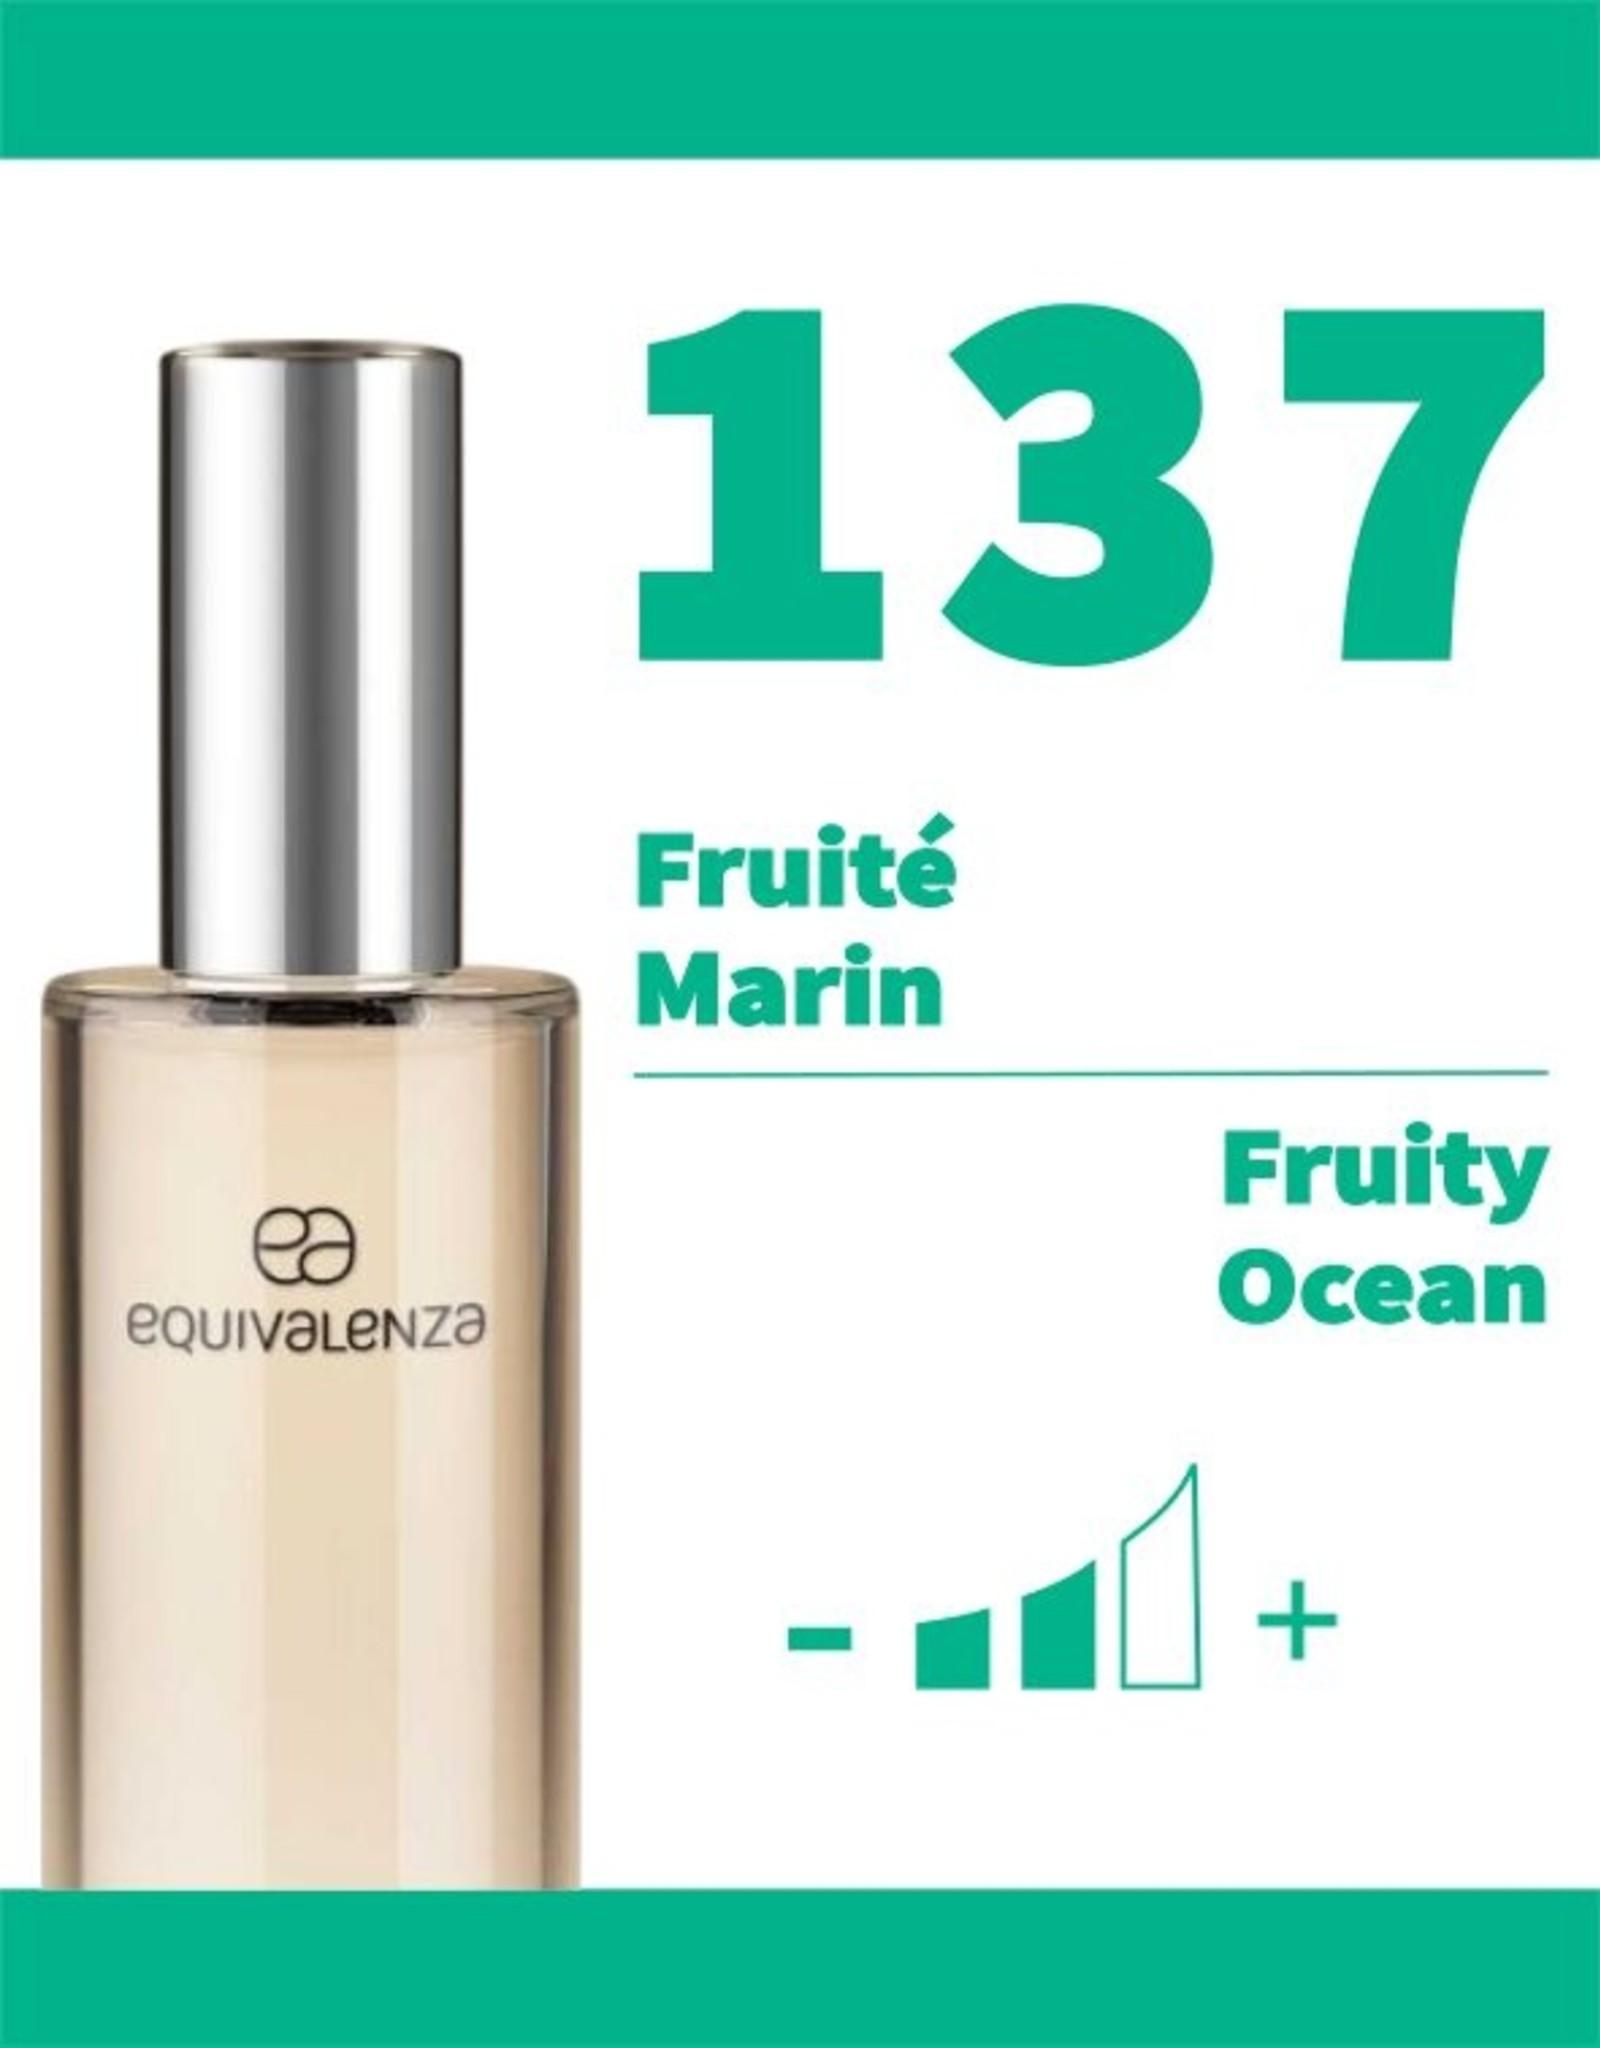 Equivalenza Eau de Parfum Fruité Marin 137